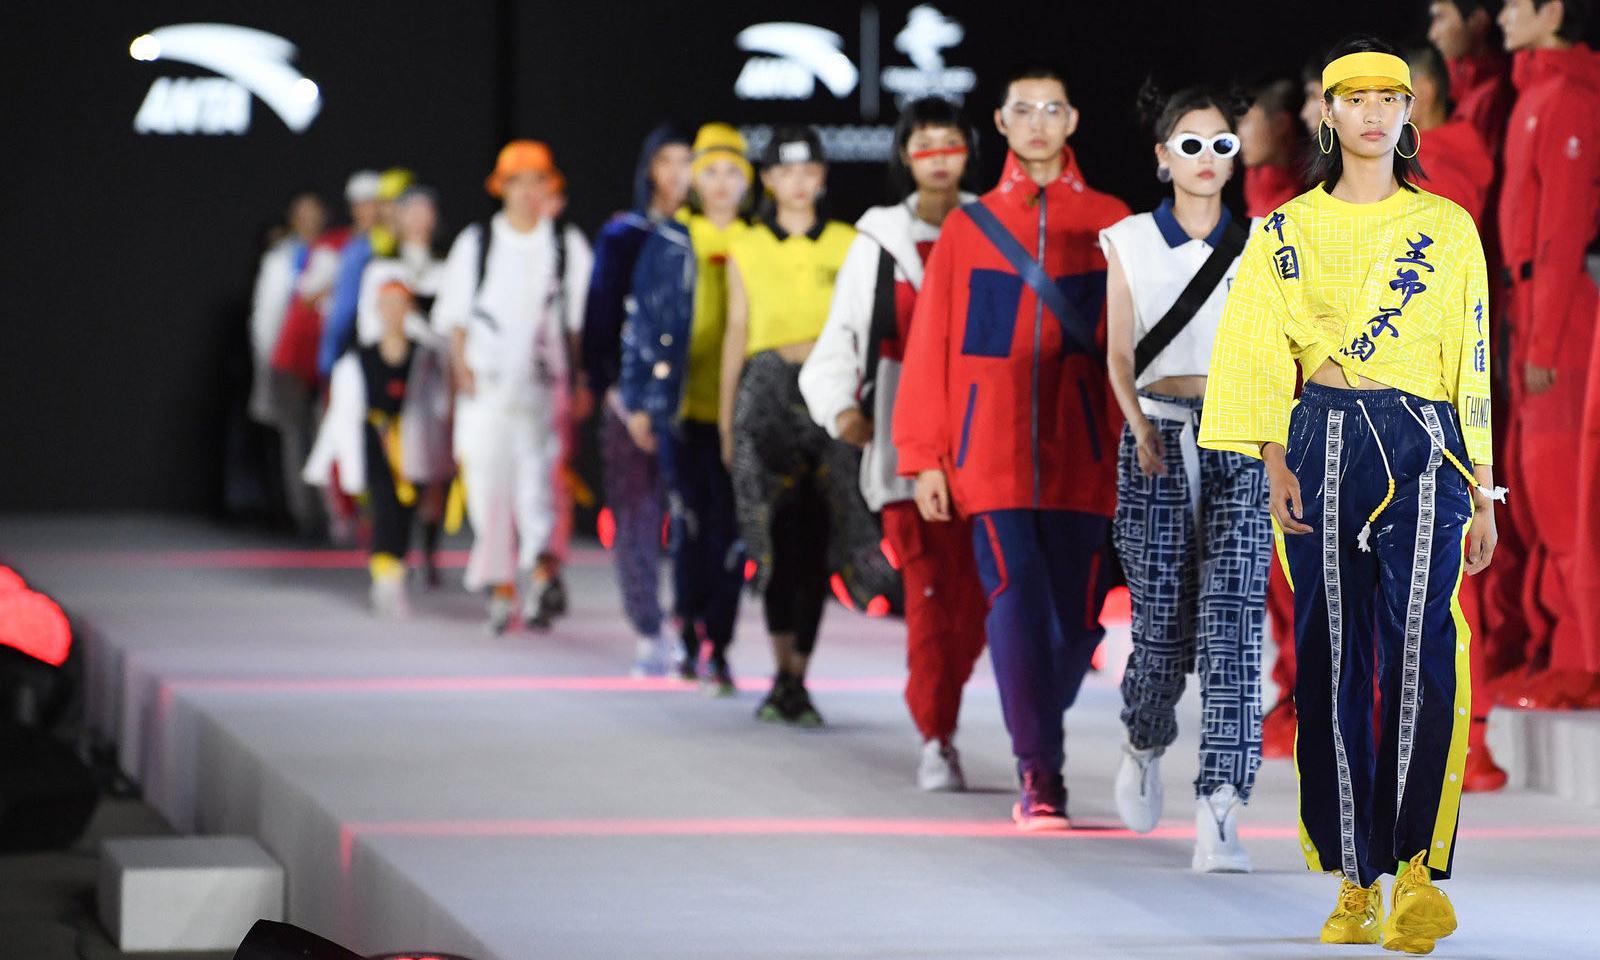 北京冬奥组委携手安踏发布北京 2022 年冬奥会特许商品国旗款运动服装